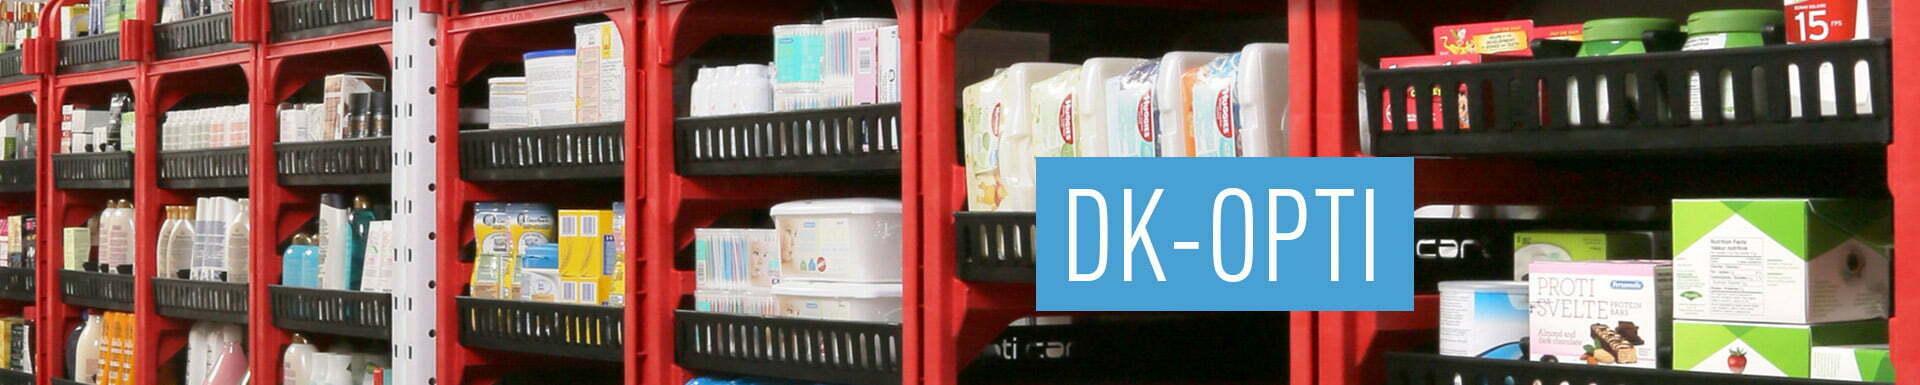 Chariot pour gestion d'inventaire DK-OPTI |Drakkar International